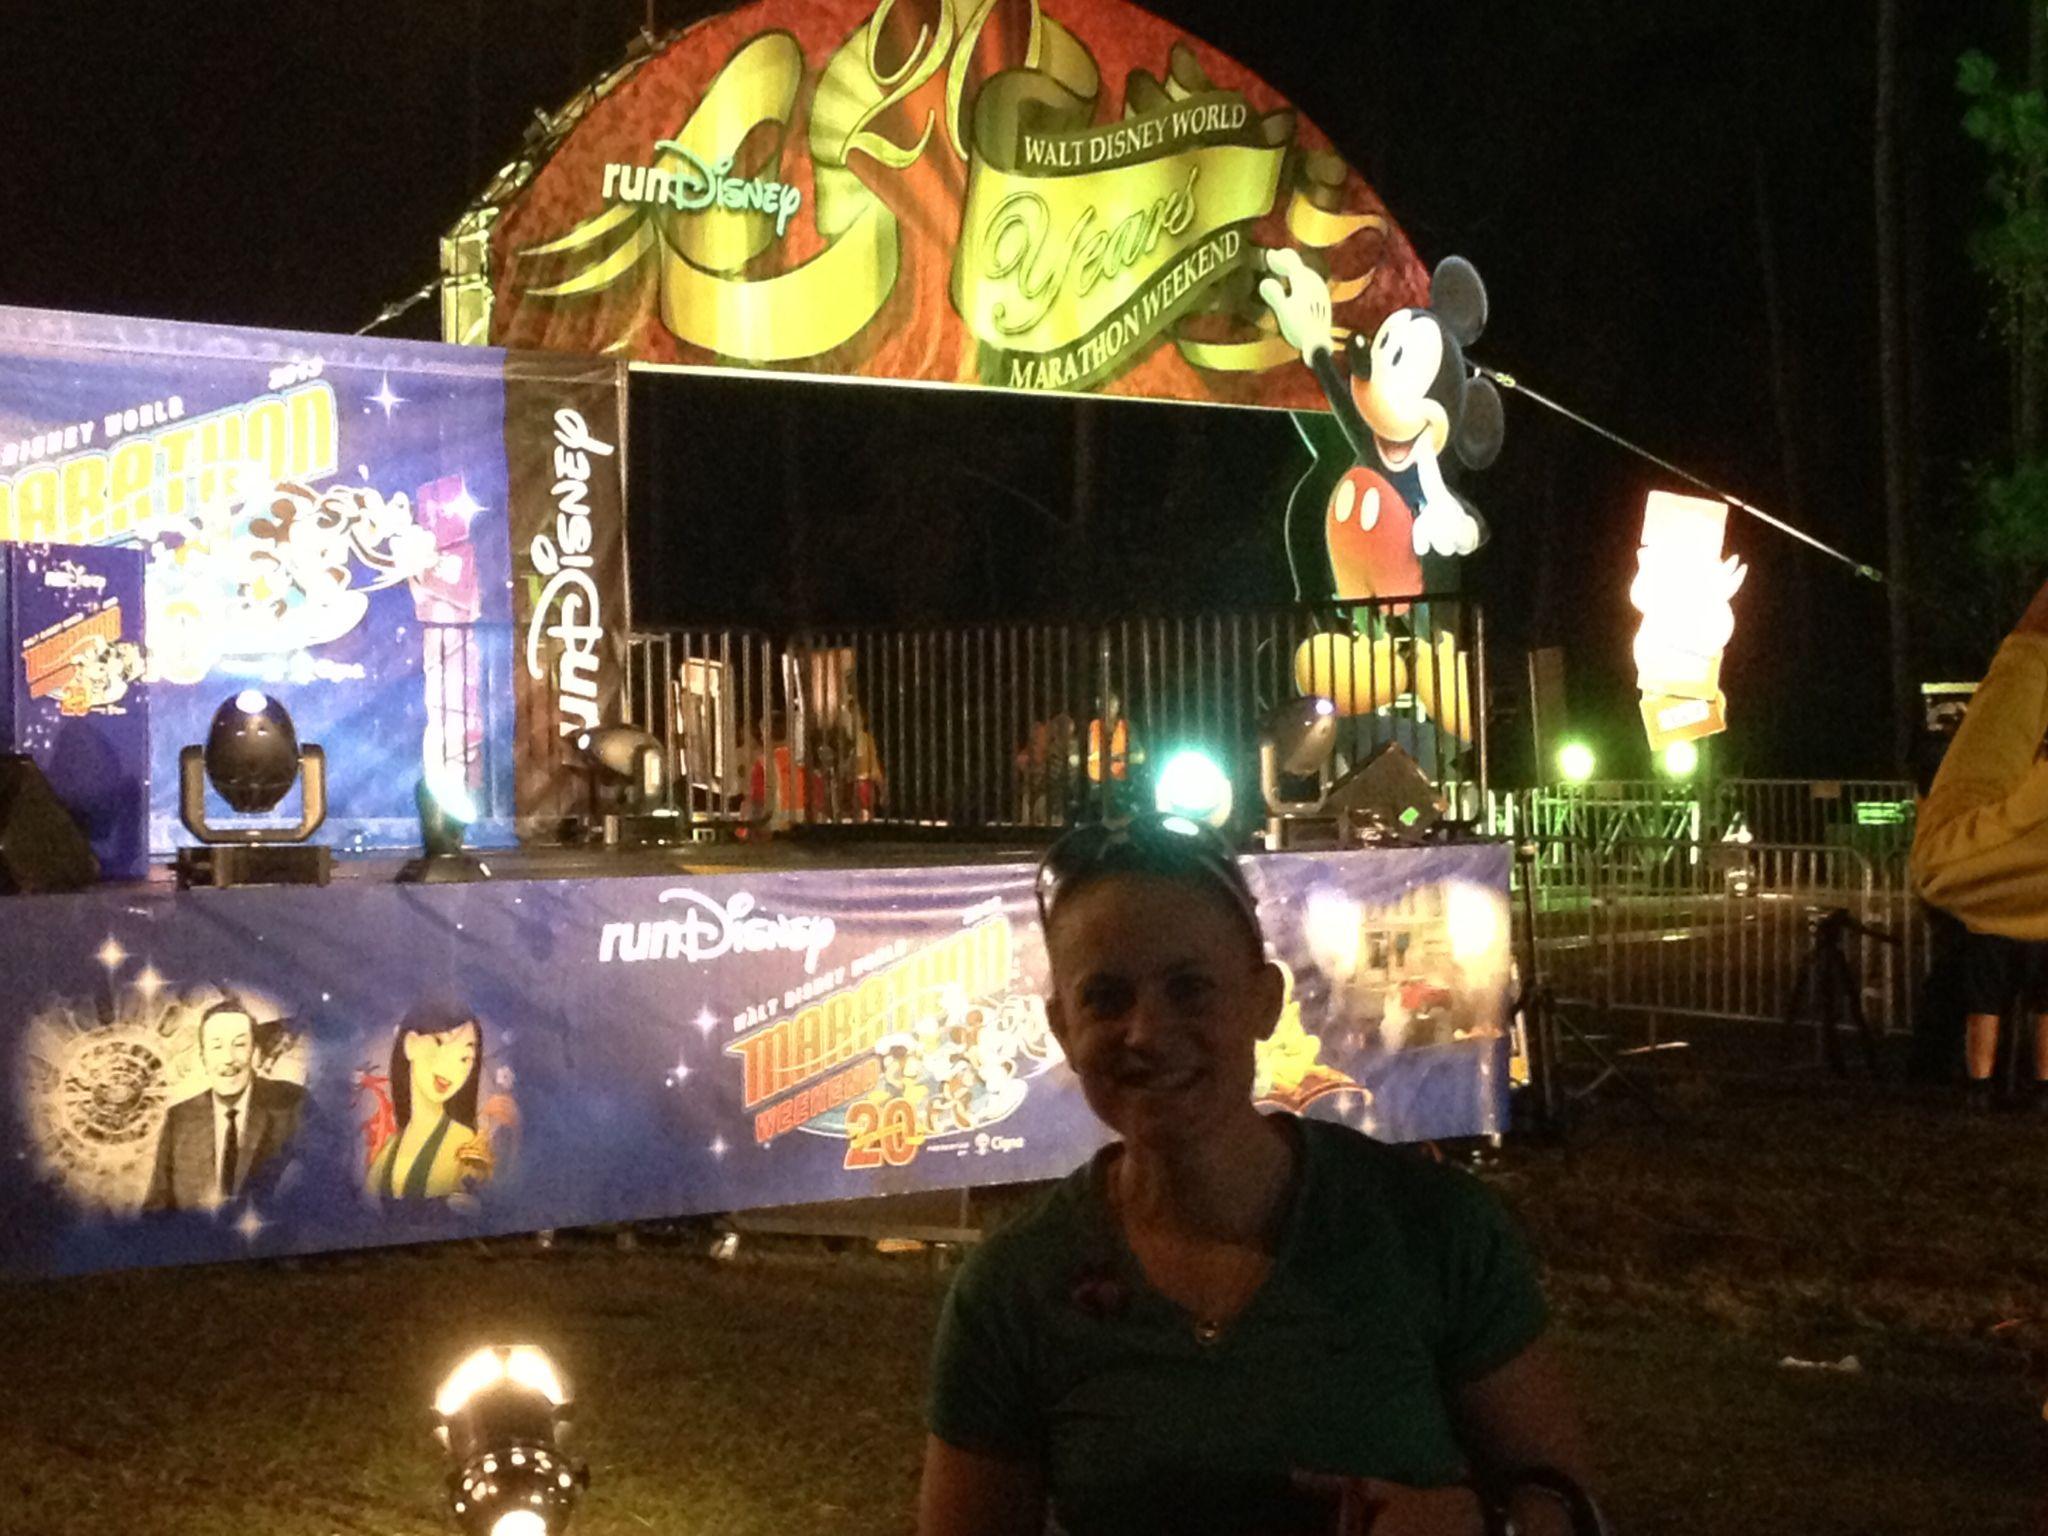 2013 runDisney Walt Disney World Marathon http://www.runnersguidetowdw.com/